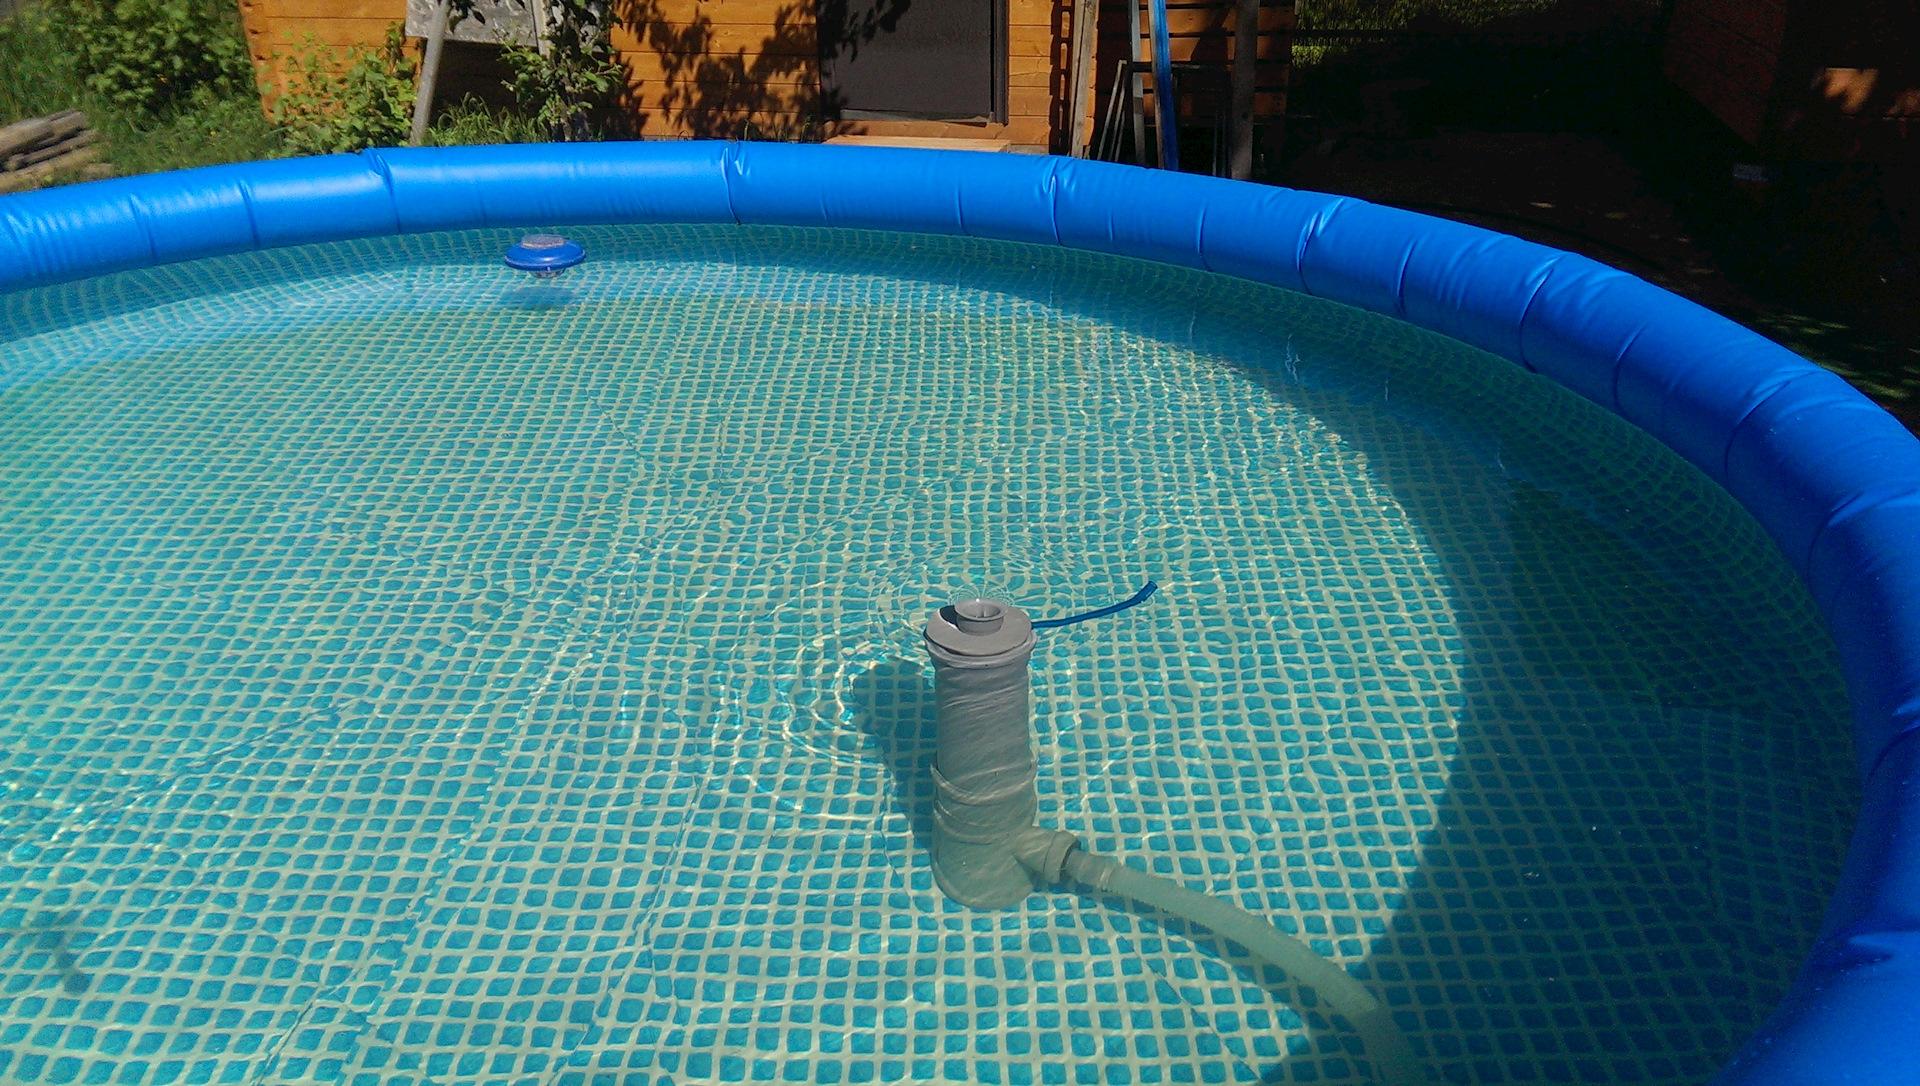 Скиммер для бассейна в различном исполнении можно выгодно купить cкиммер для бассейна в интернет-магазине epool.ru в саратове